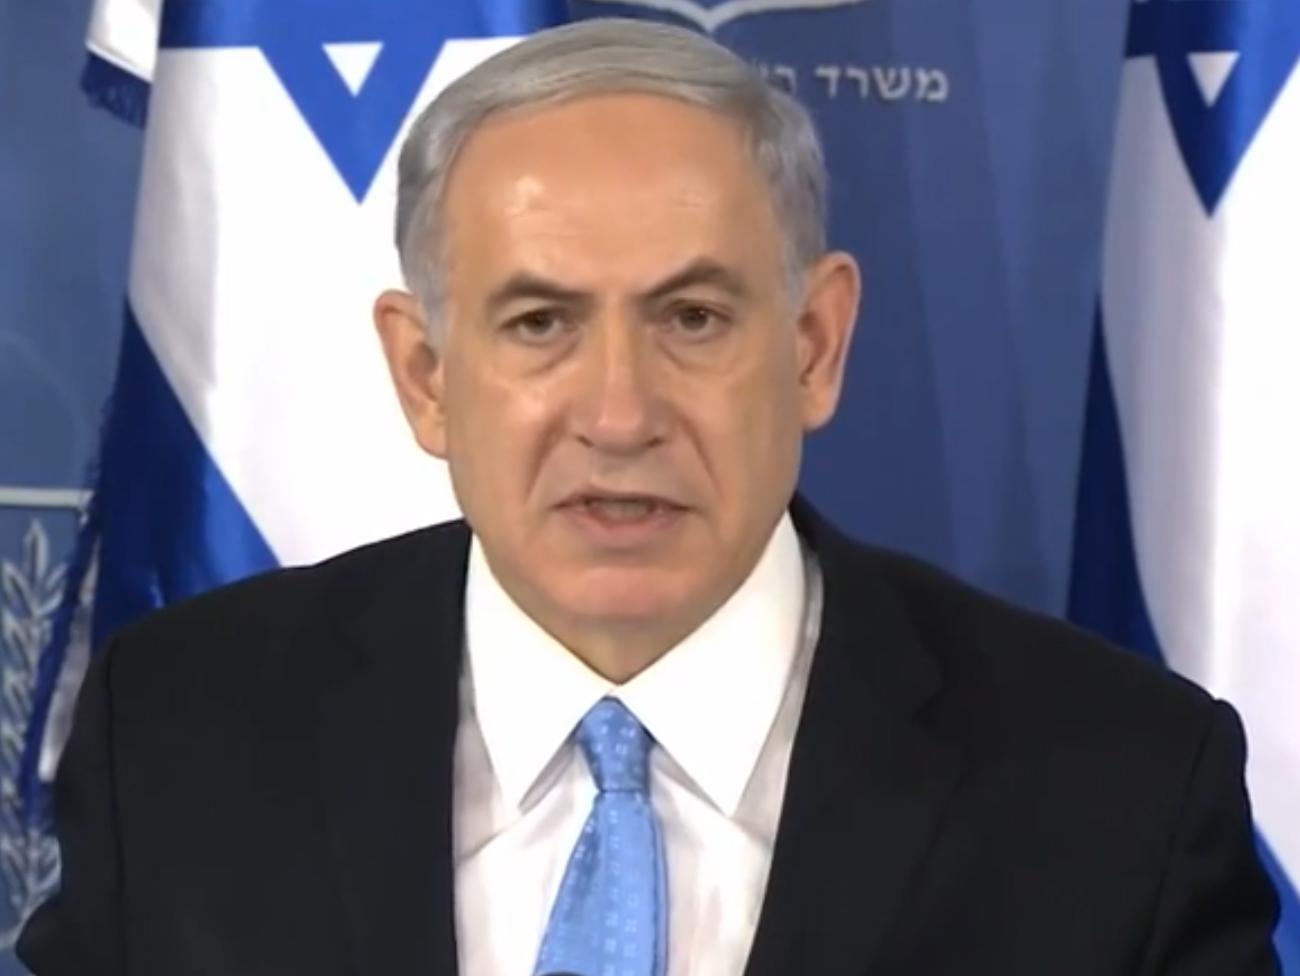 """ראש ממשלת ישראל, בנימין נתניהו, במסיבת העיתונאים שבה סיכם את מבצע """"צוק איתן"""". 2.8.14 (צילום מסך)"""